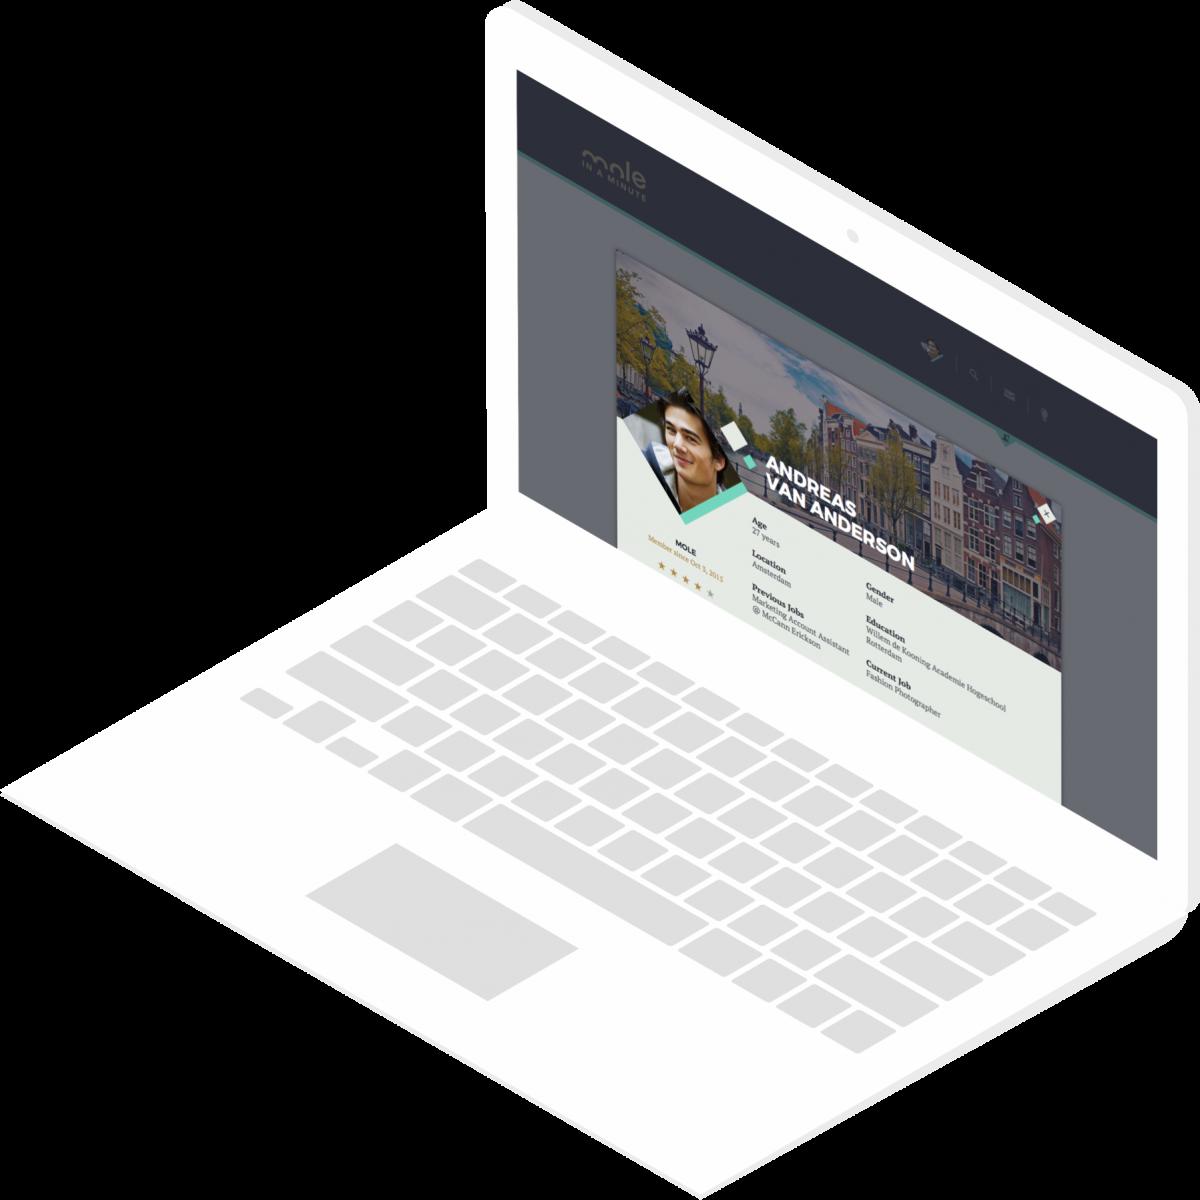 mole-laptop